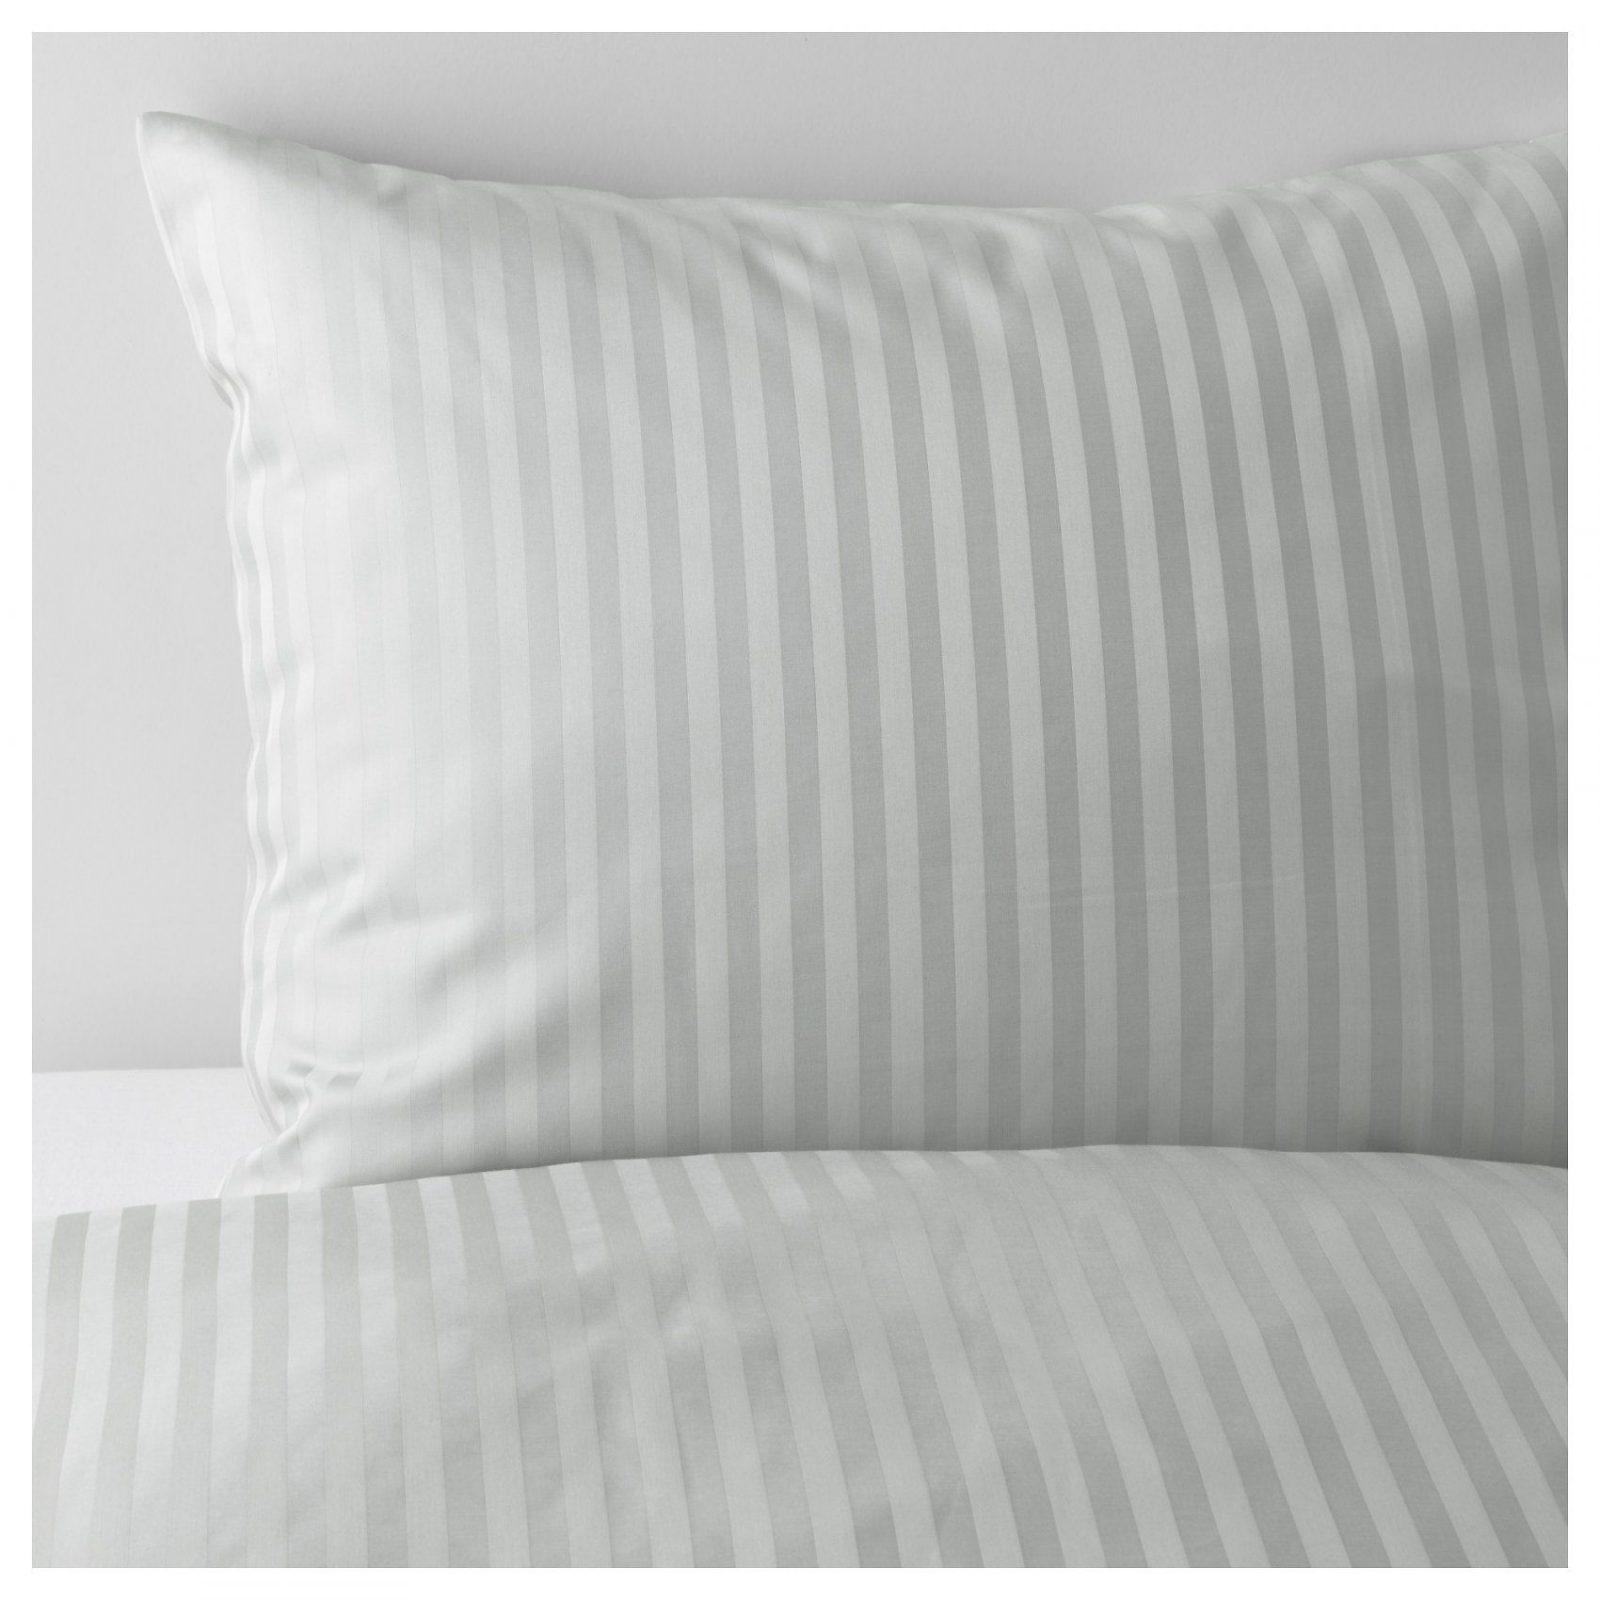 Bettwasche 200x220 Ikea Bettdecken Paradies Oko Bettdecken Grune